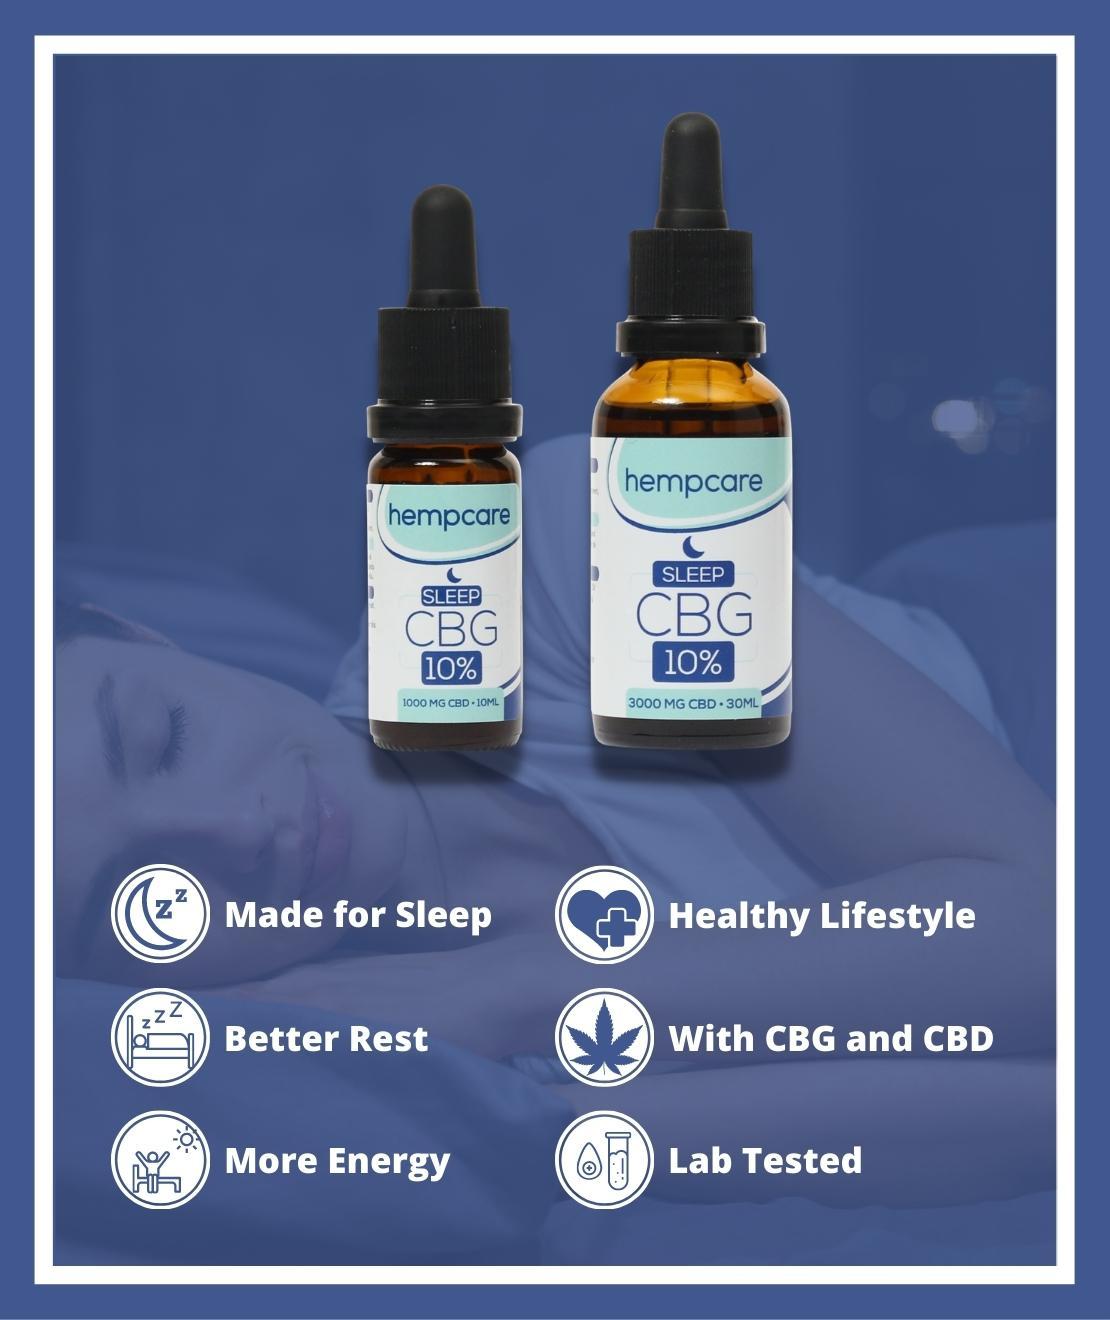 Hempcare Sleep CBG Oil with CBD